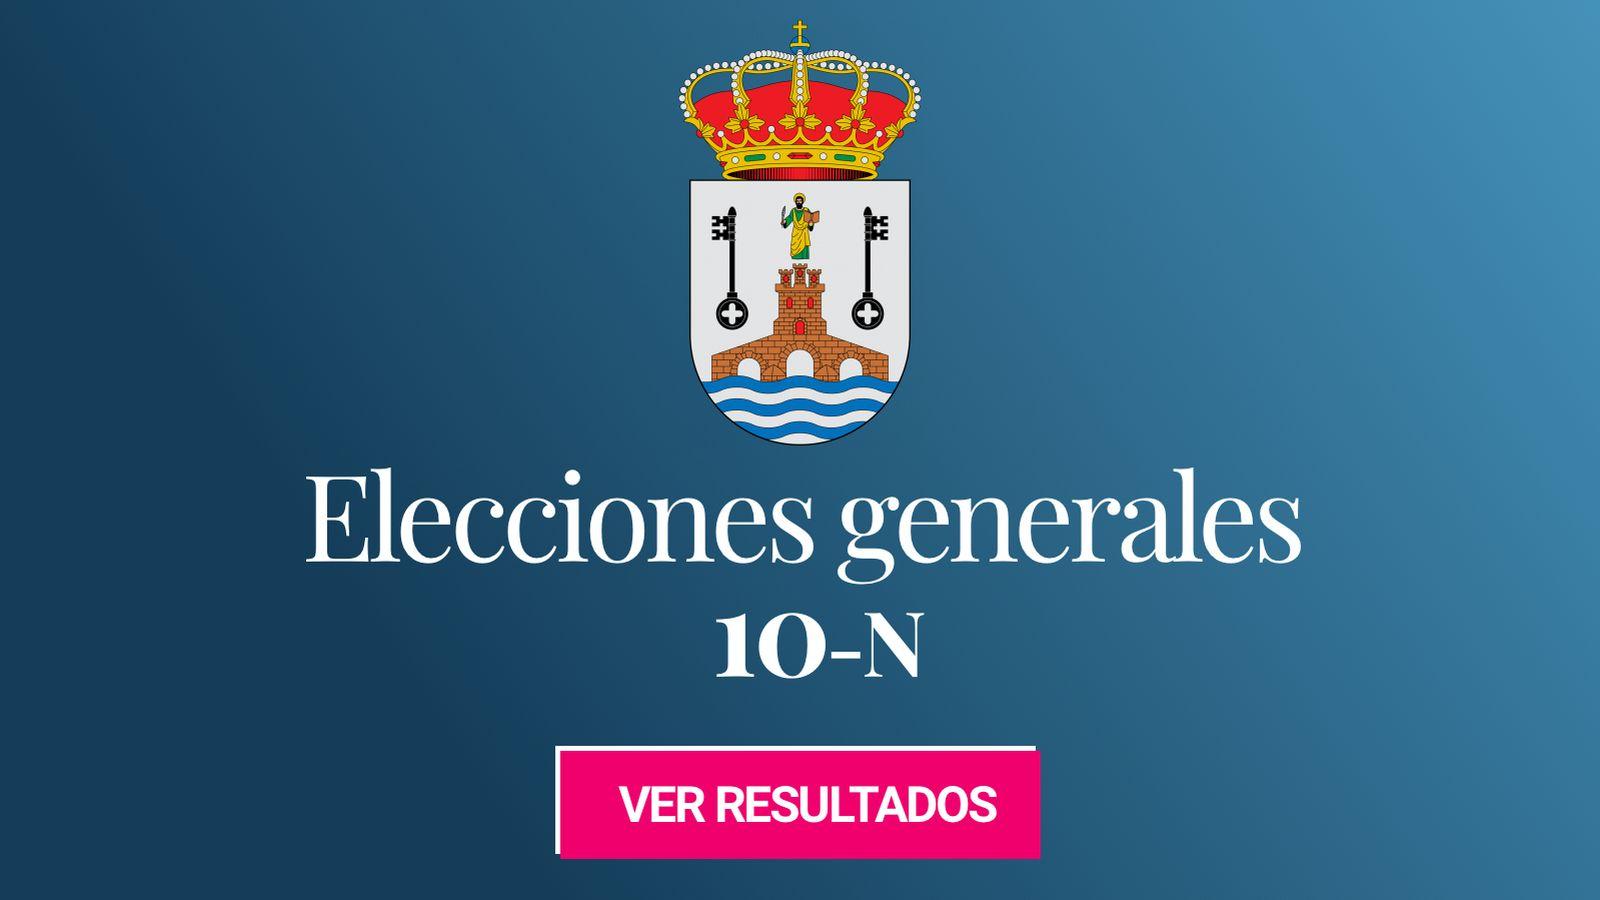 Foto: Elecciones generales 2019 en Alcalá de Guadaíra. (C.C./EC)